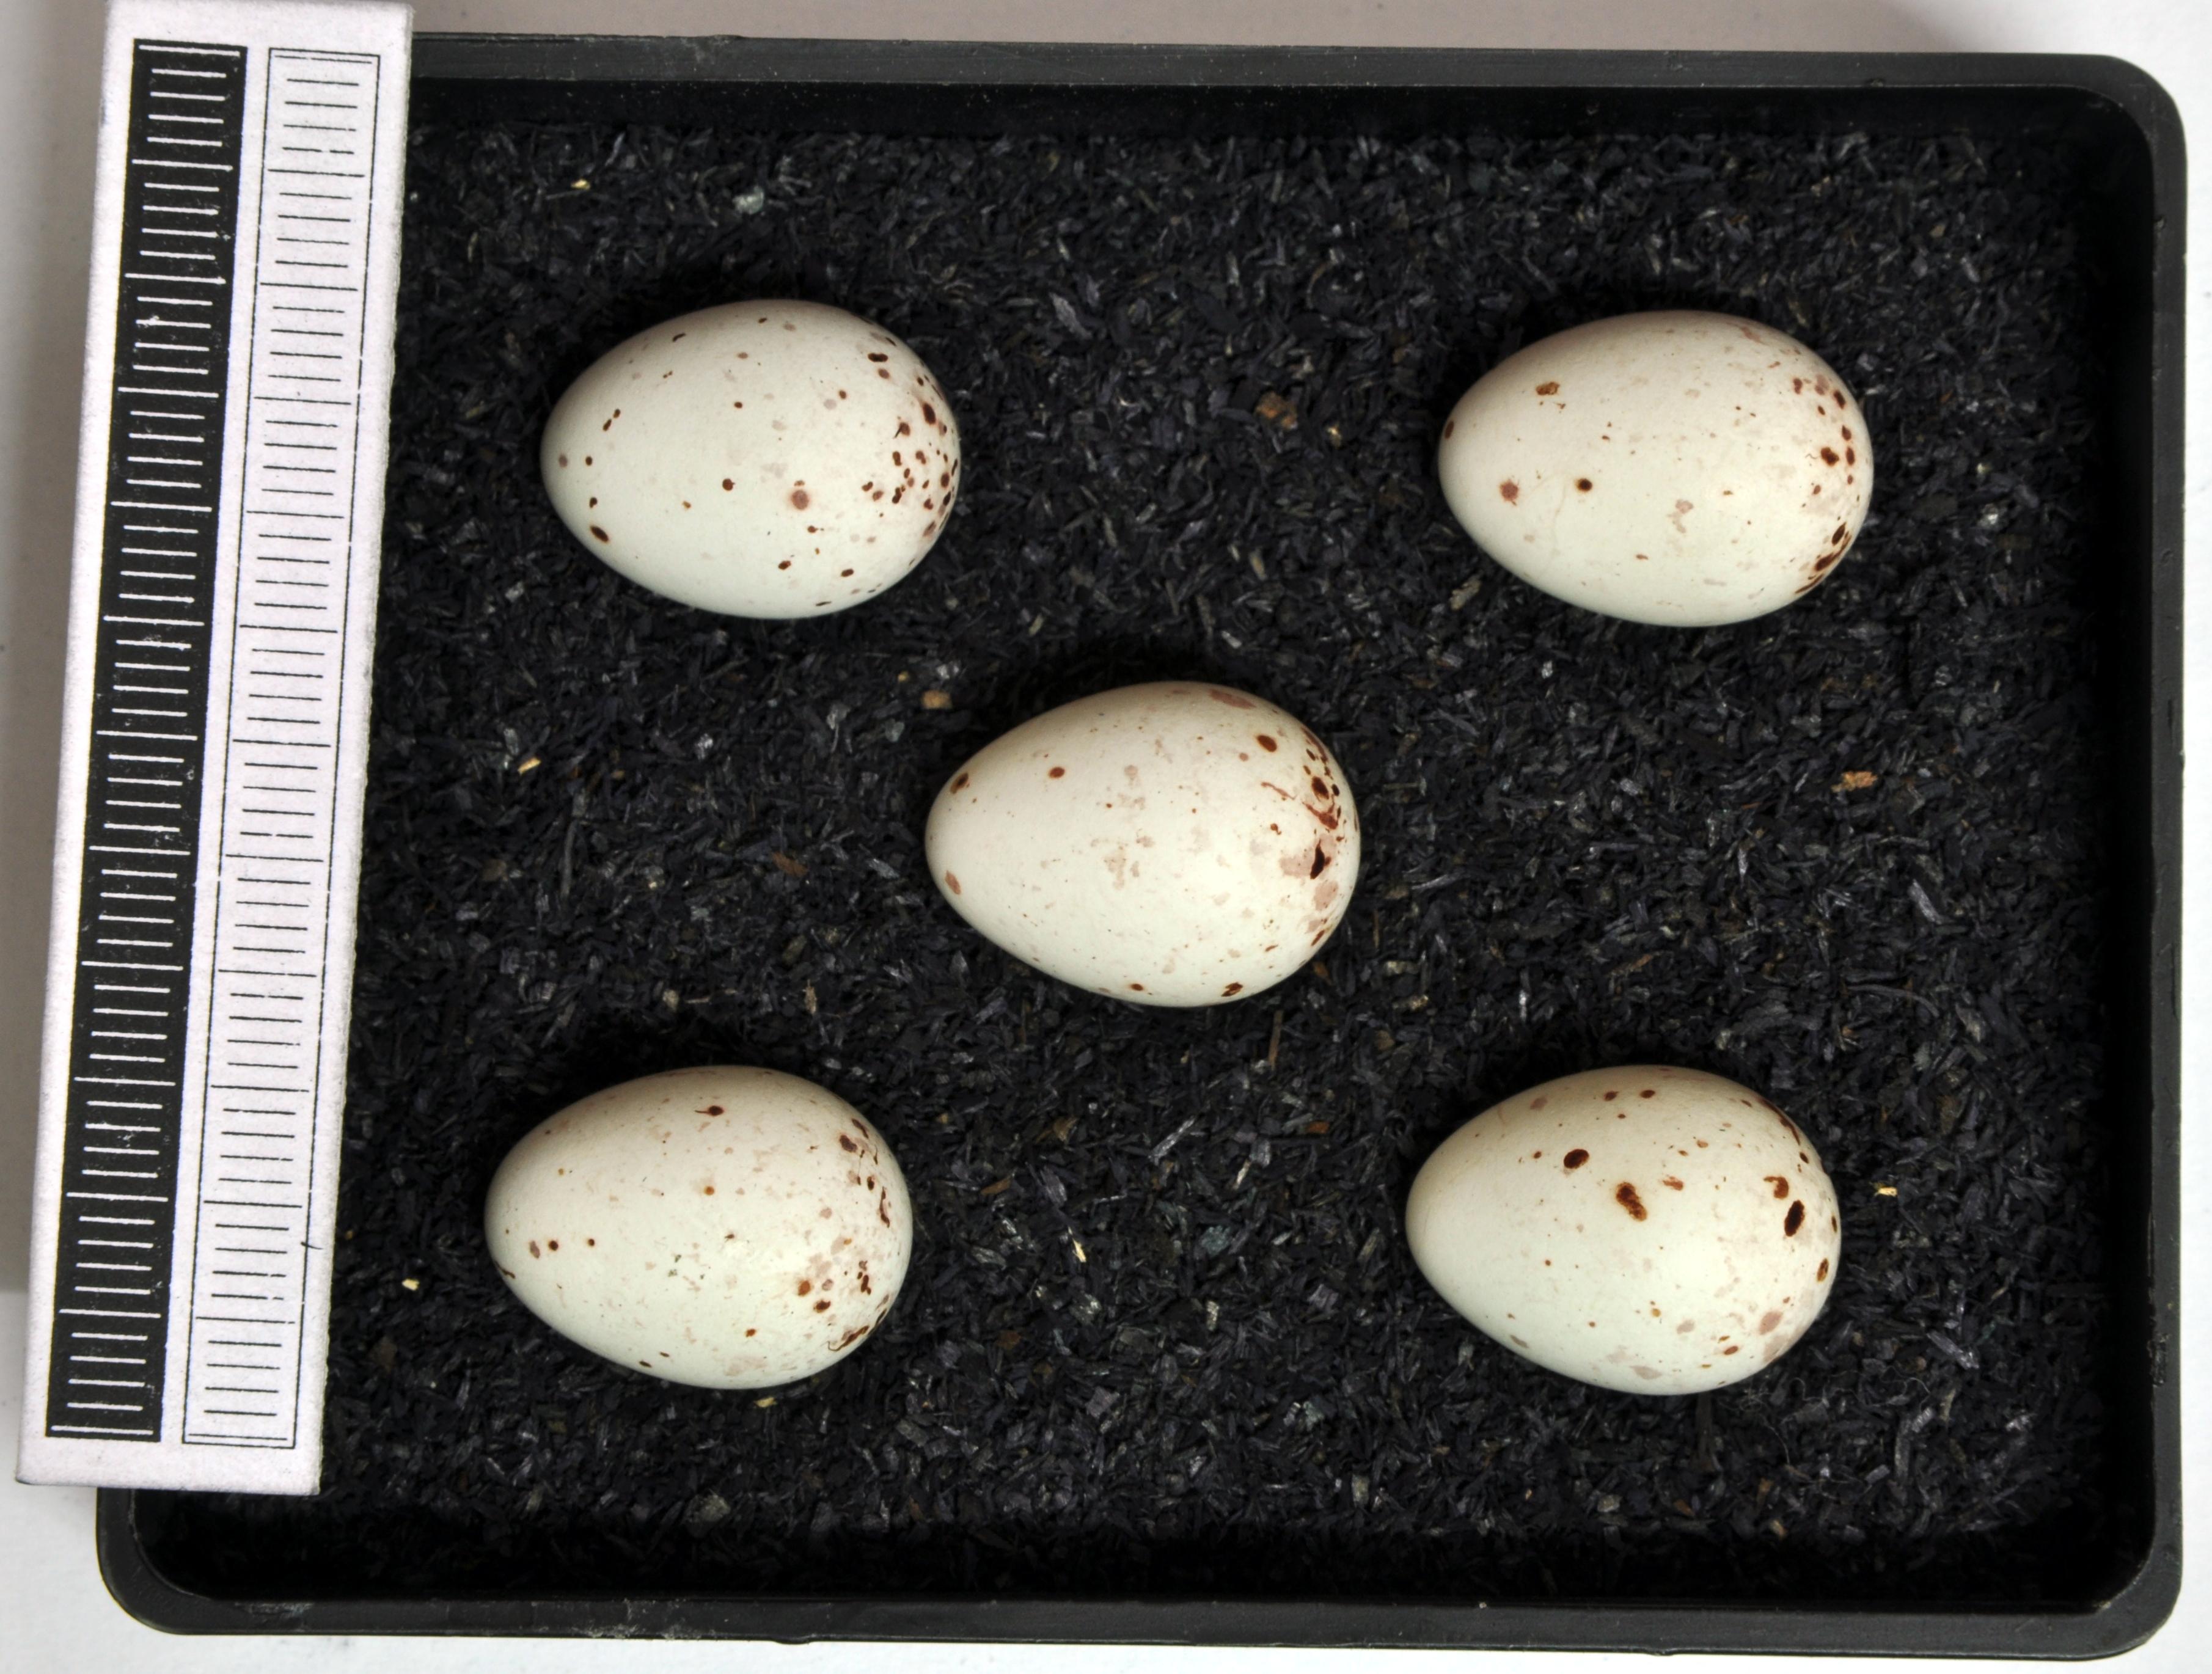 Grünfink Eier Gelege